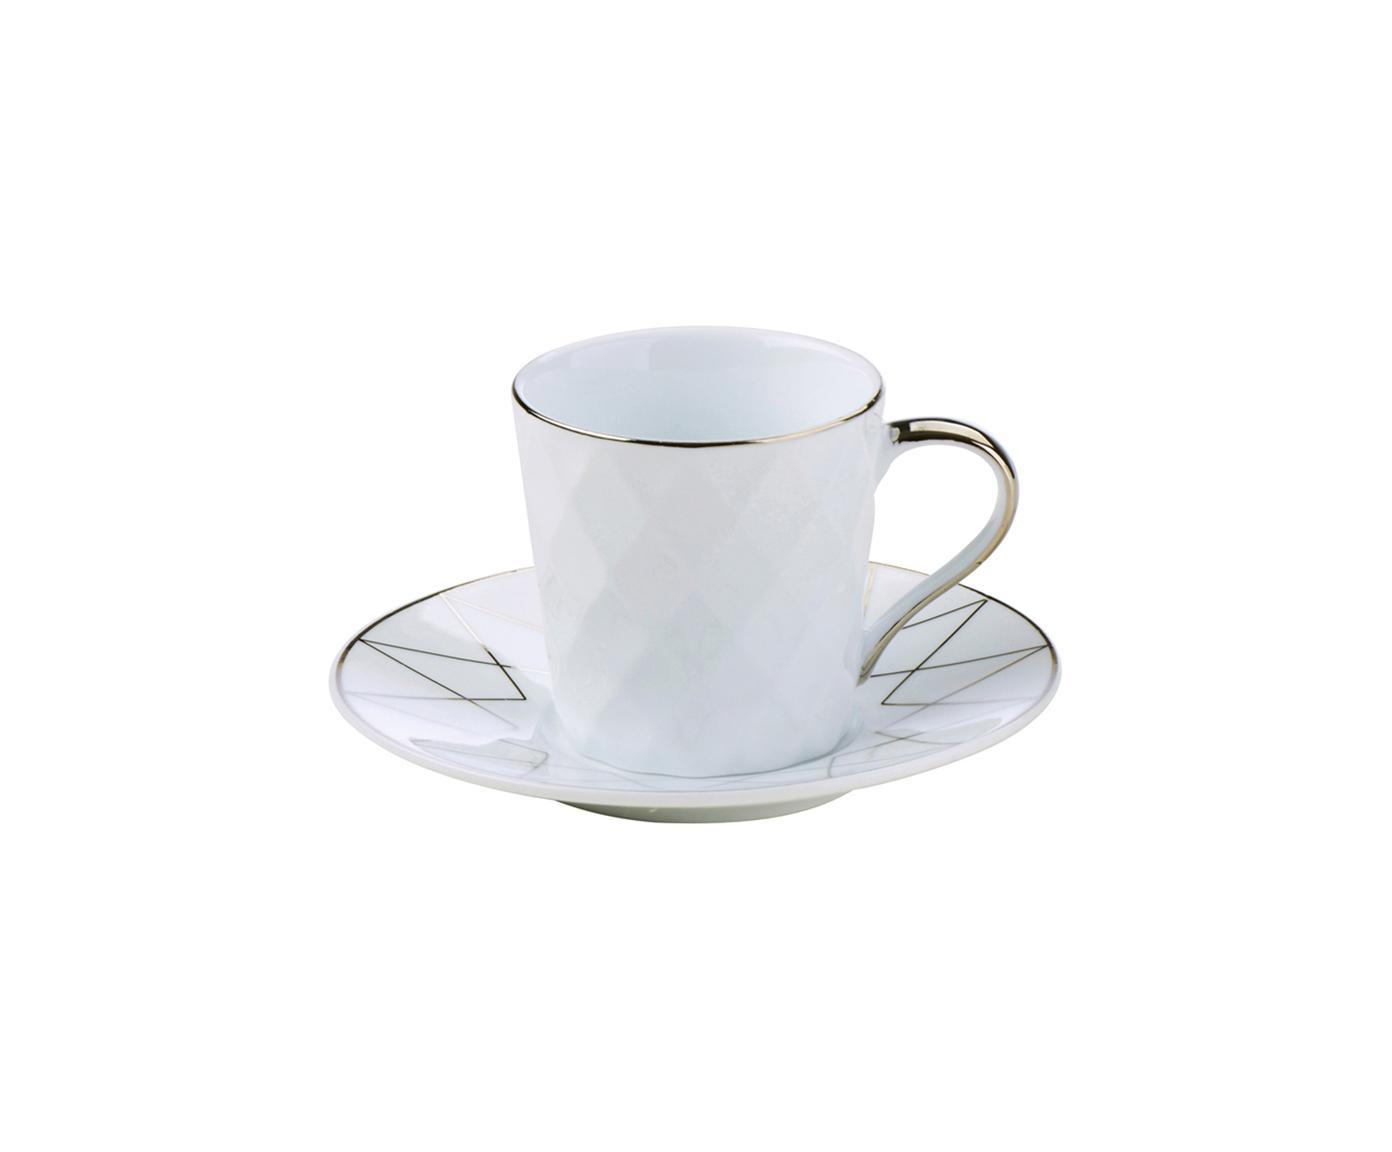 Espressotassen mit Untertassen Lux mit silbernem Dekor, 3 Stück, Porzellan, Weiss, Platinfarben, Ø 12 x H 6 cm